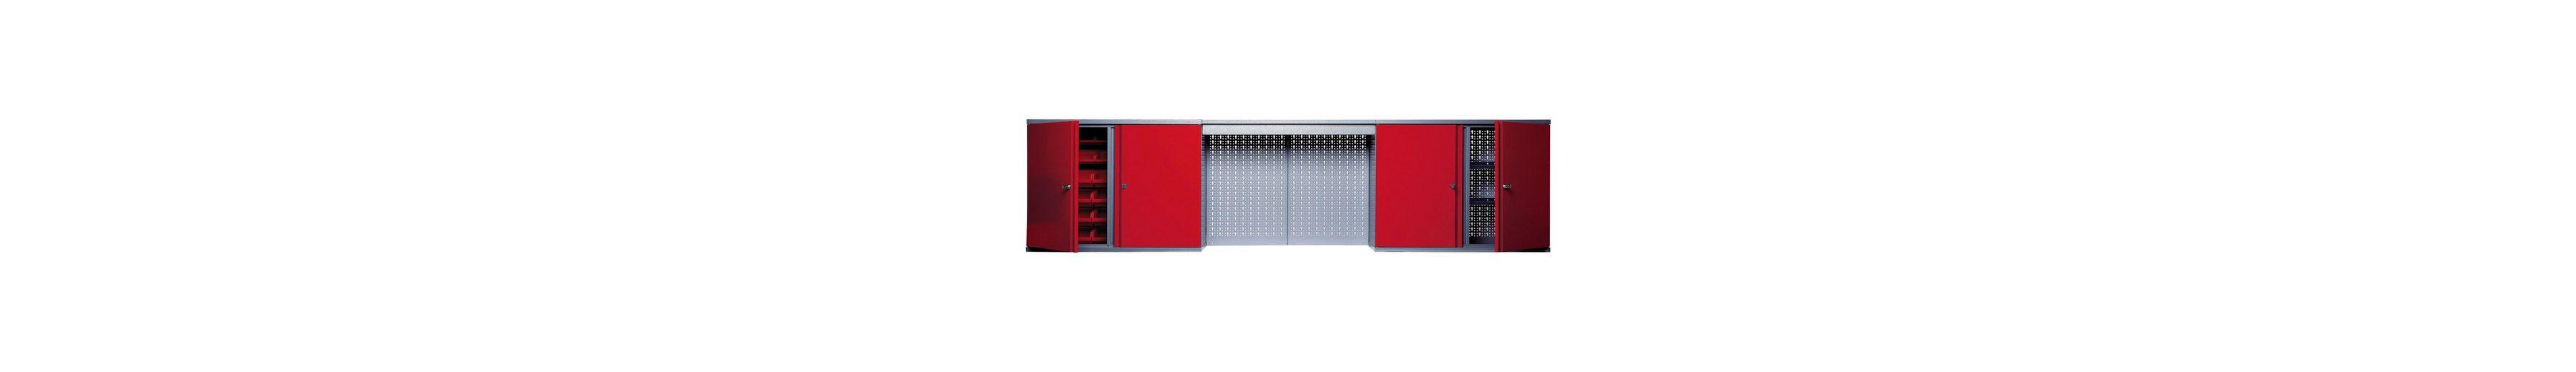 Hängeschrank »mit Lichtblende, 4 Türen, 4 Einlegeböden, 36 Sichtboxen, in rot«